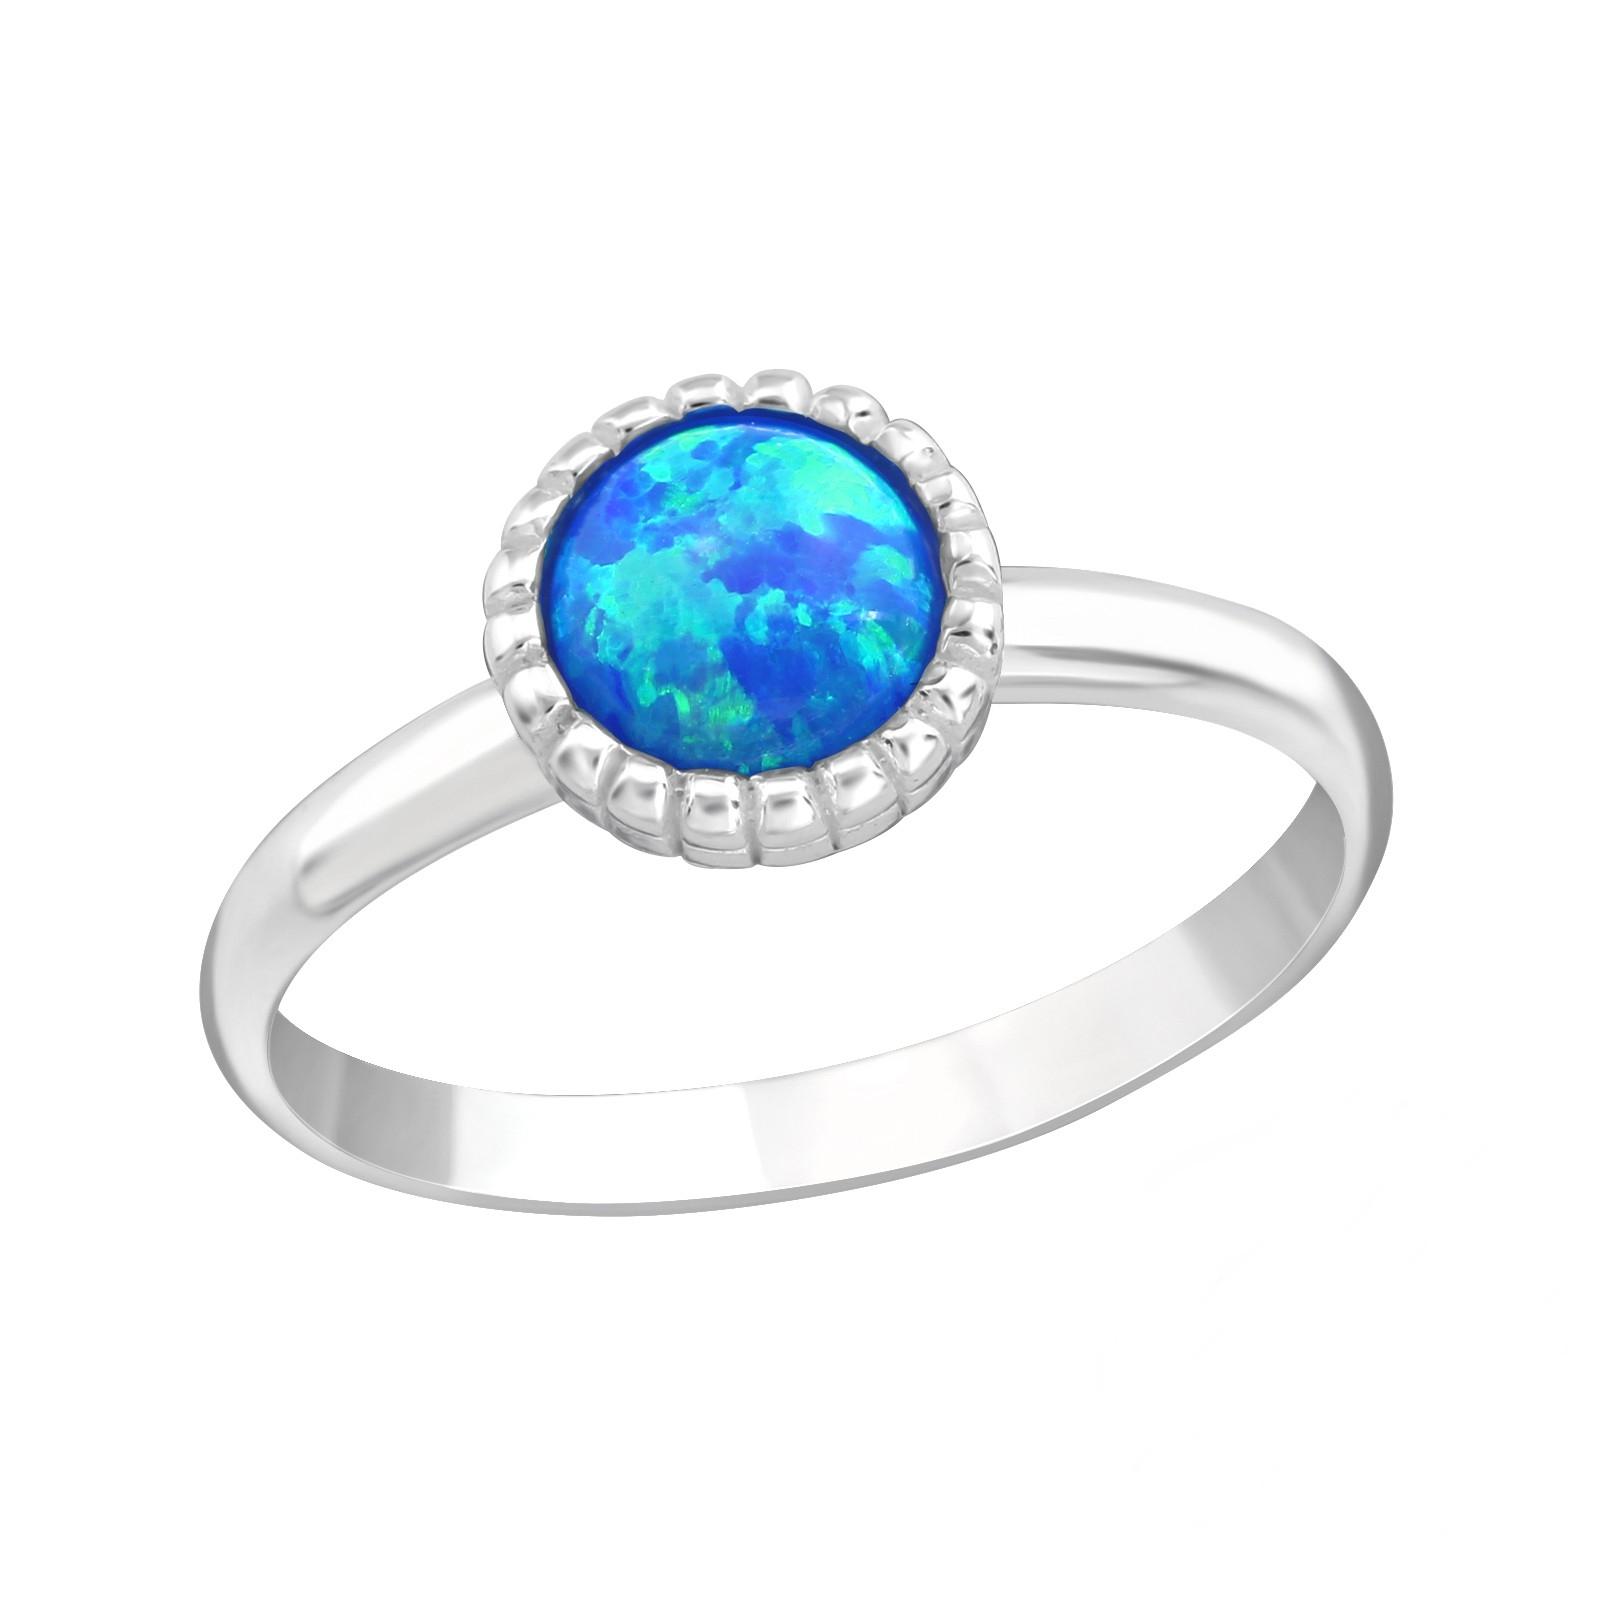 OLIVIE Detský strieborný prsteň MODRÝ OPÁL 4431 Ag 925; ≤1 g.